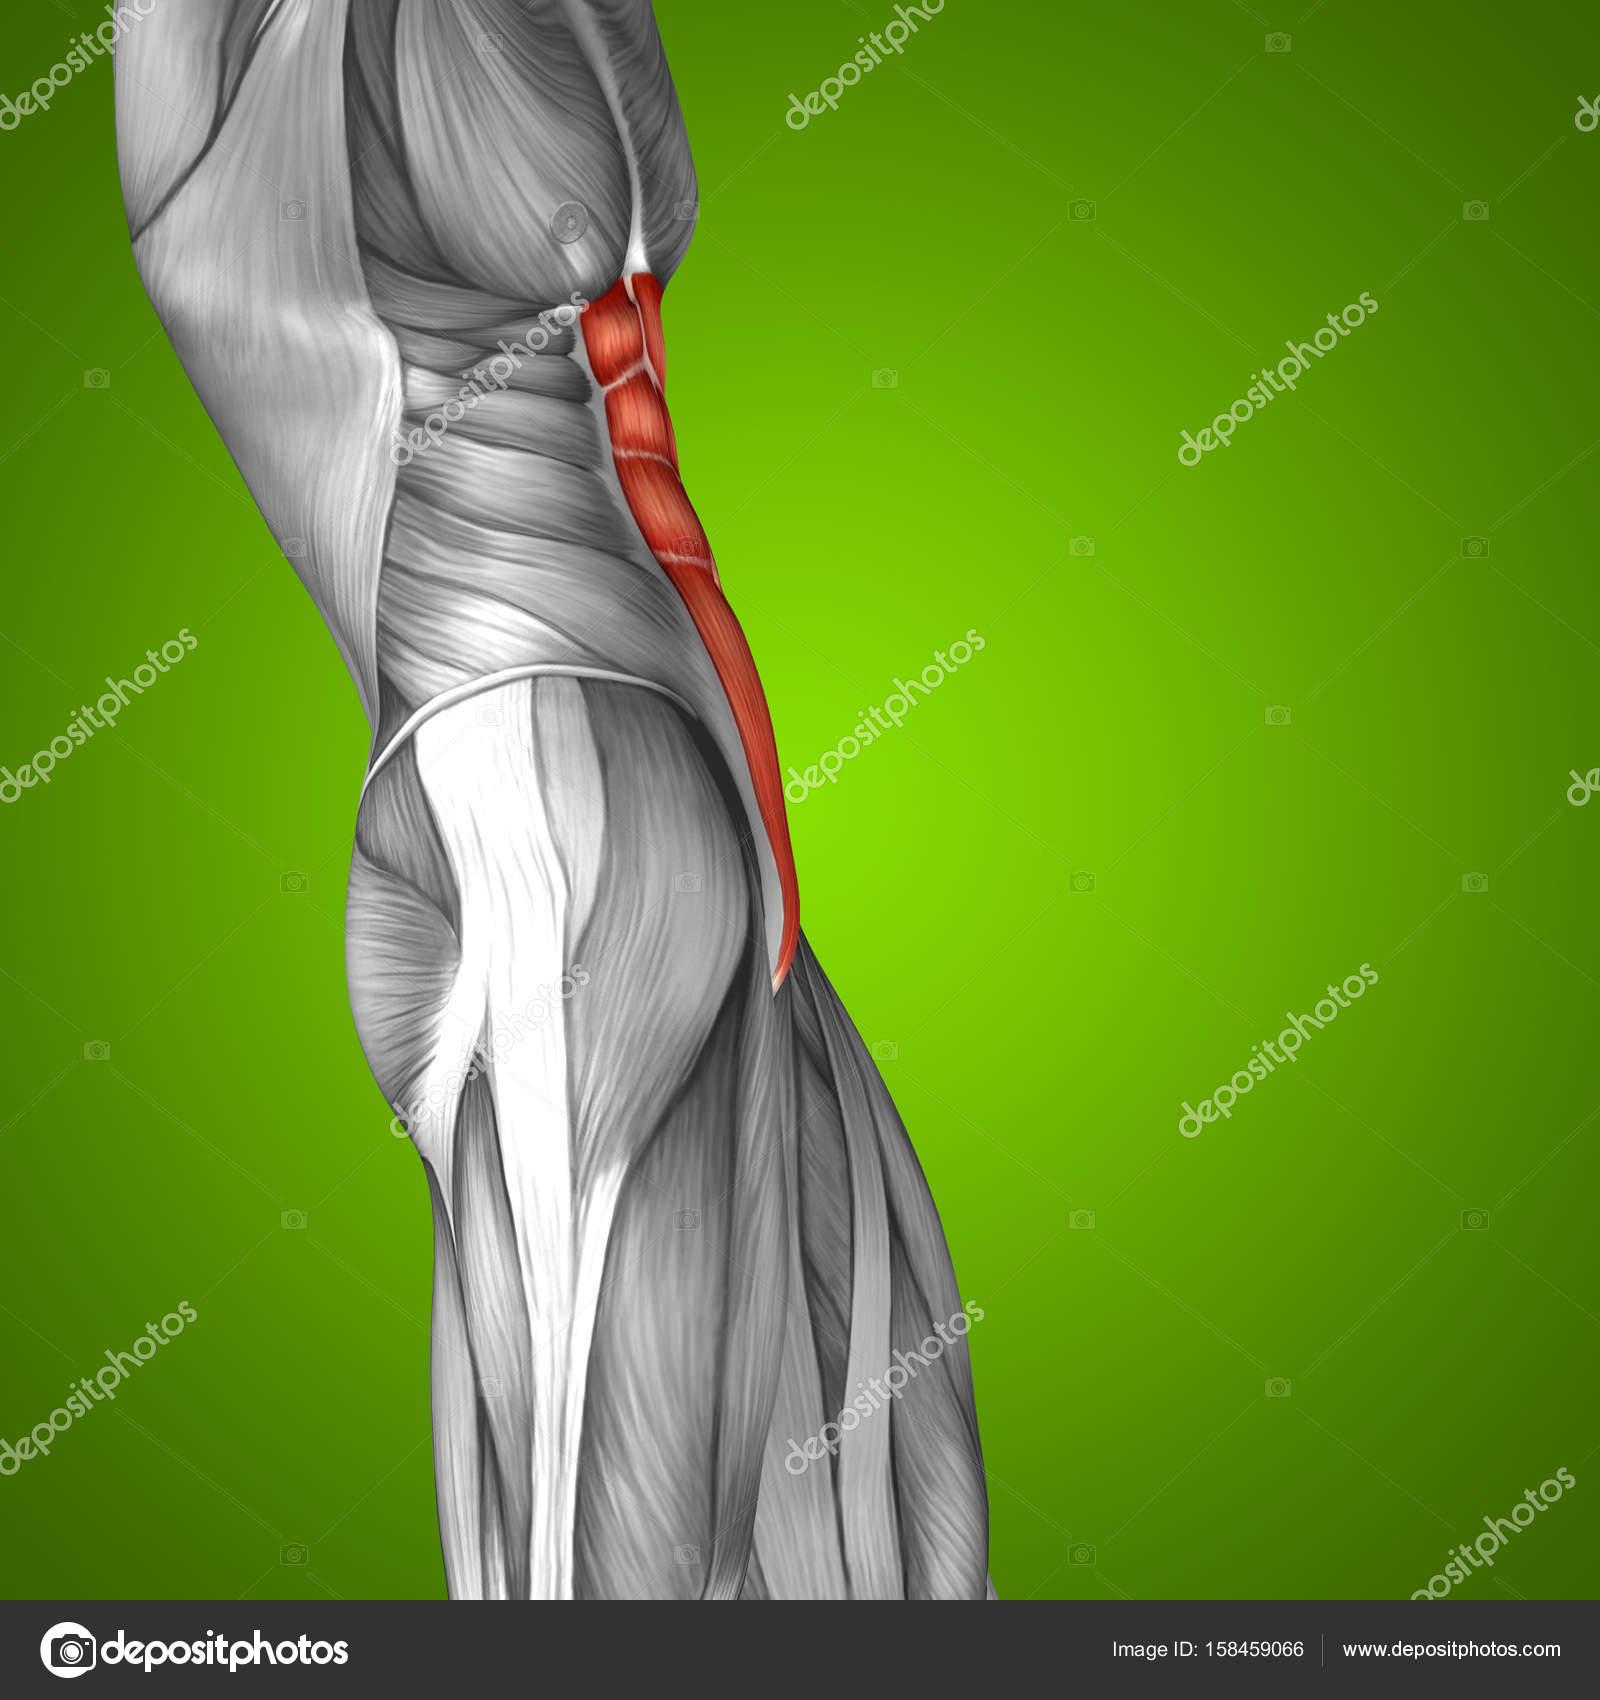 Anatomie der menschlichen Brust — Stockfoto © design36 #158459066